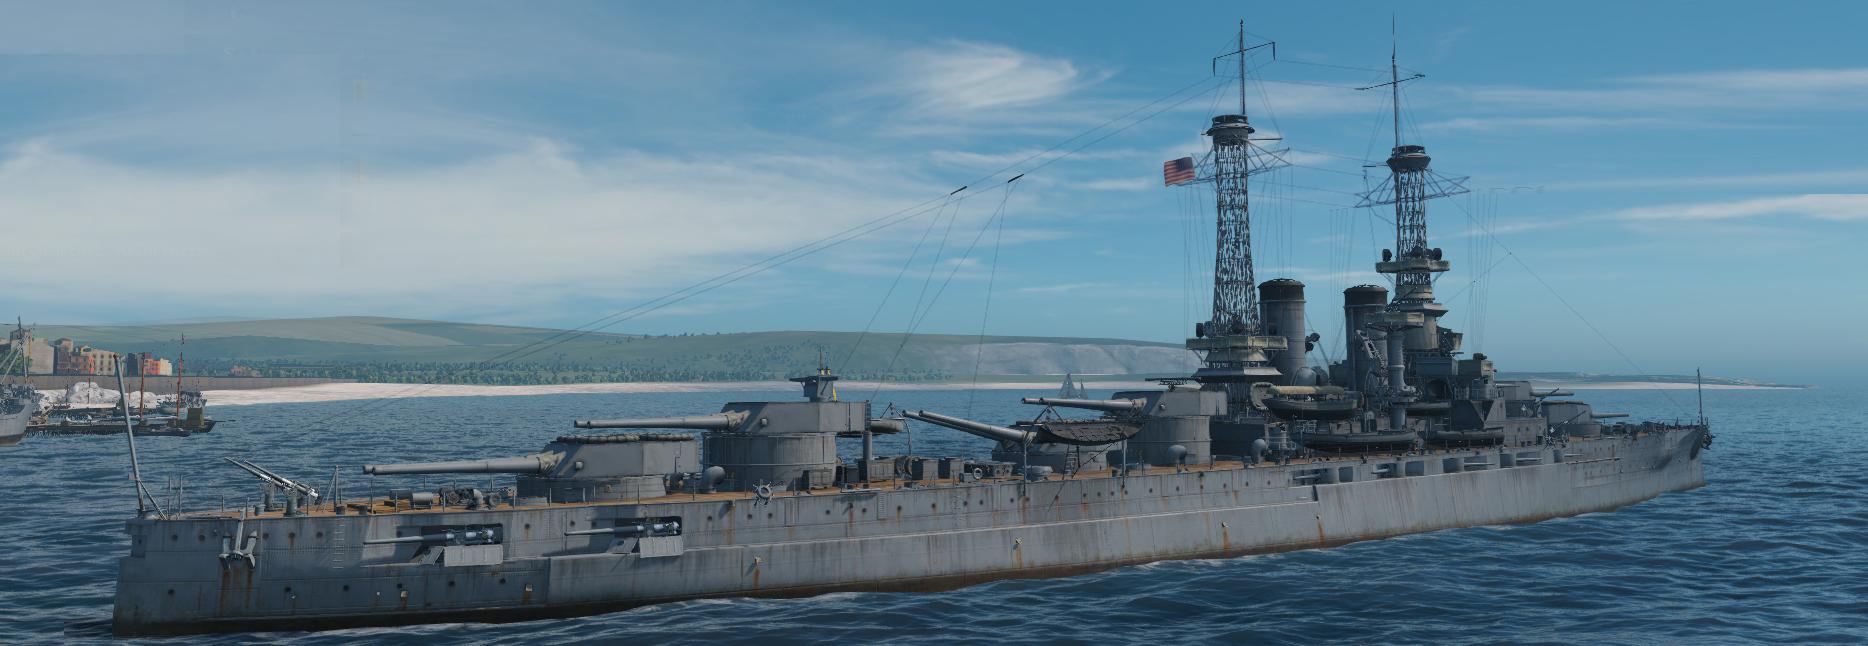 Wyoming class battleships (1911)